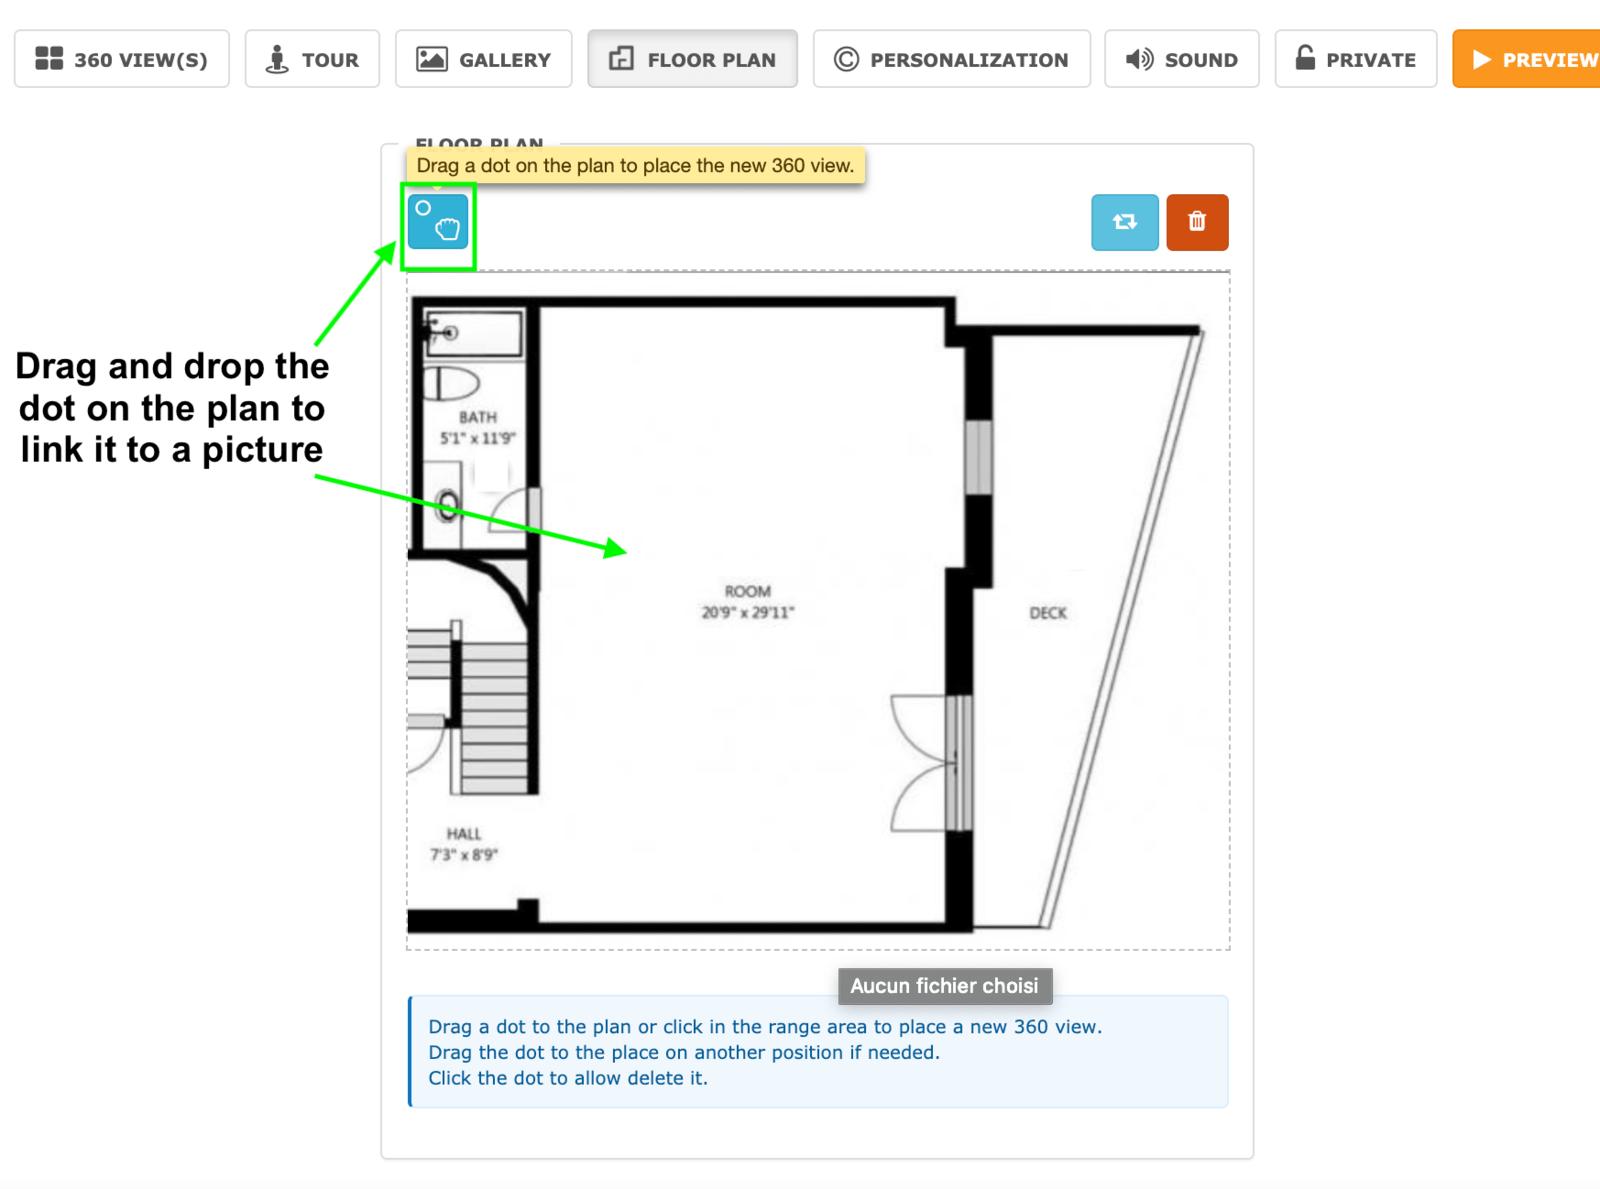 Add a floor plan